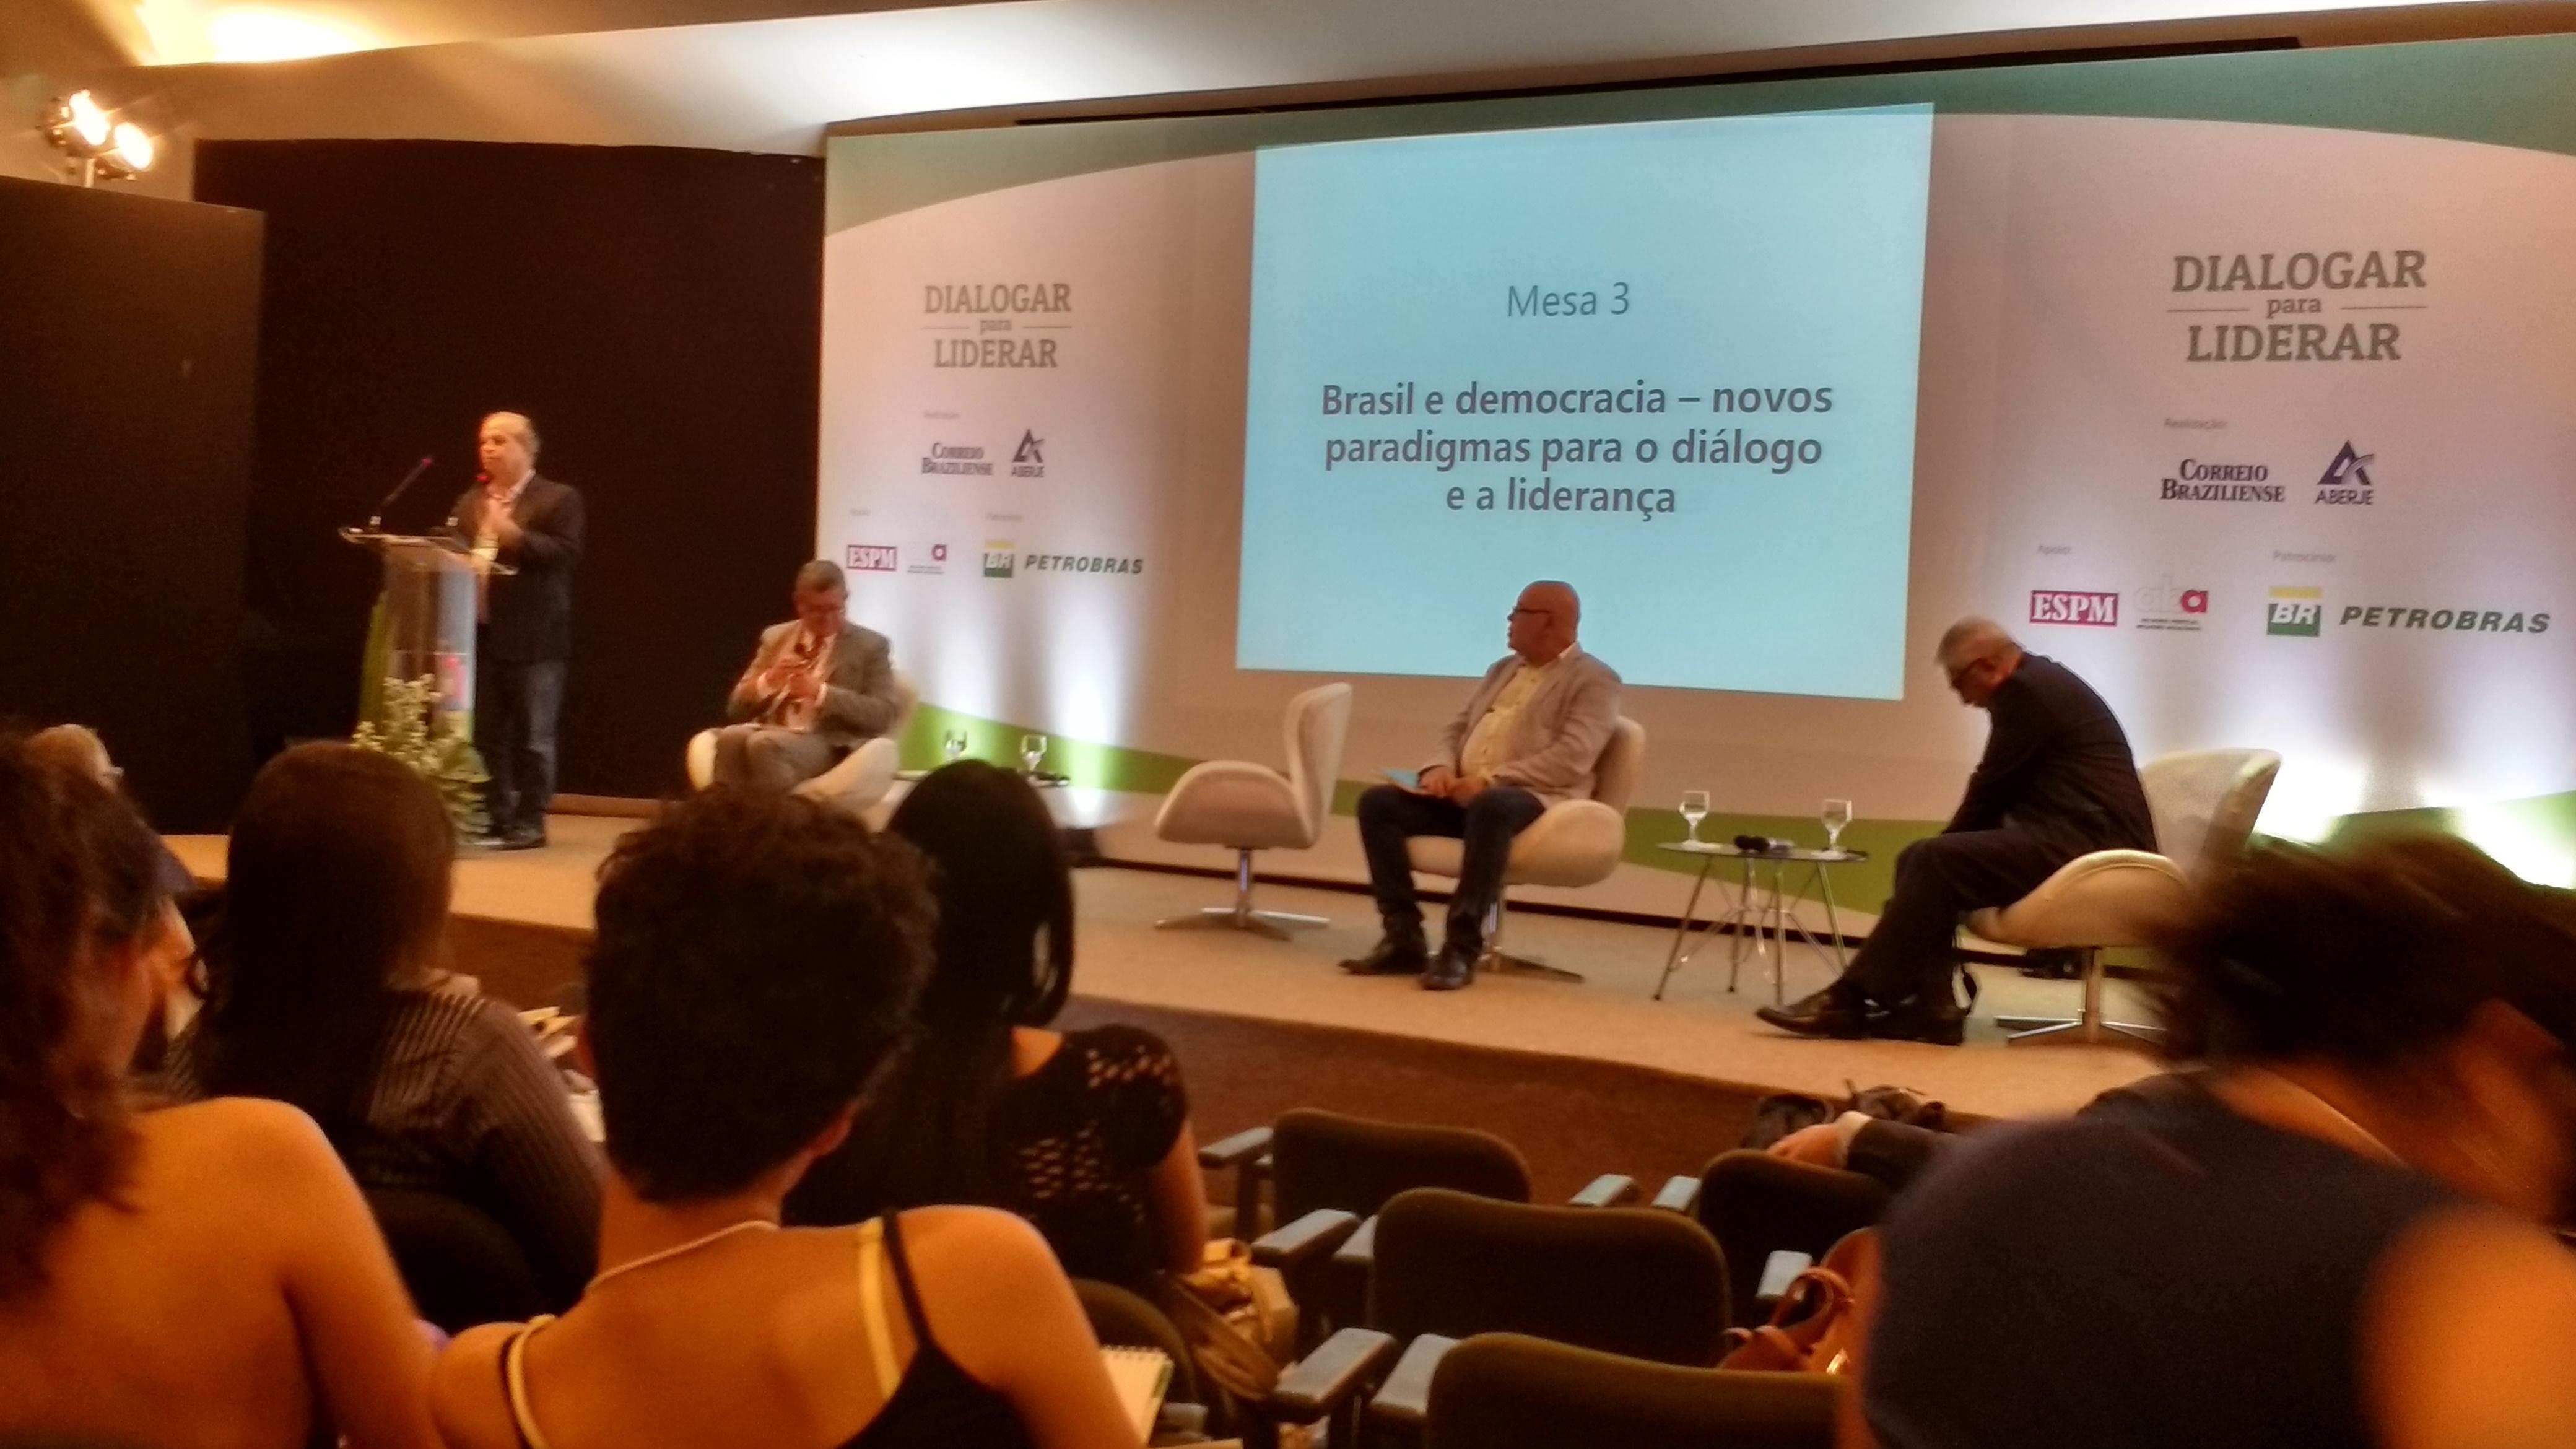 Direto de Brasília com Salvador Neto #2